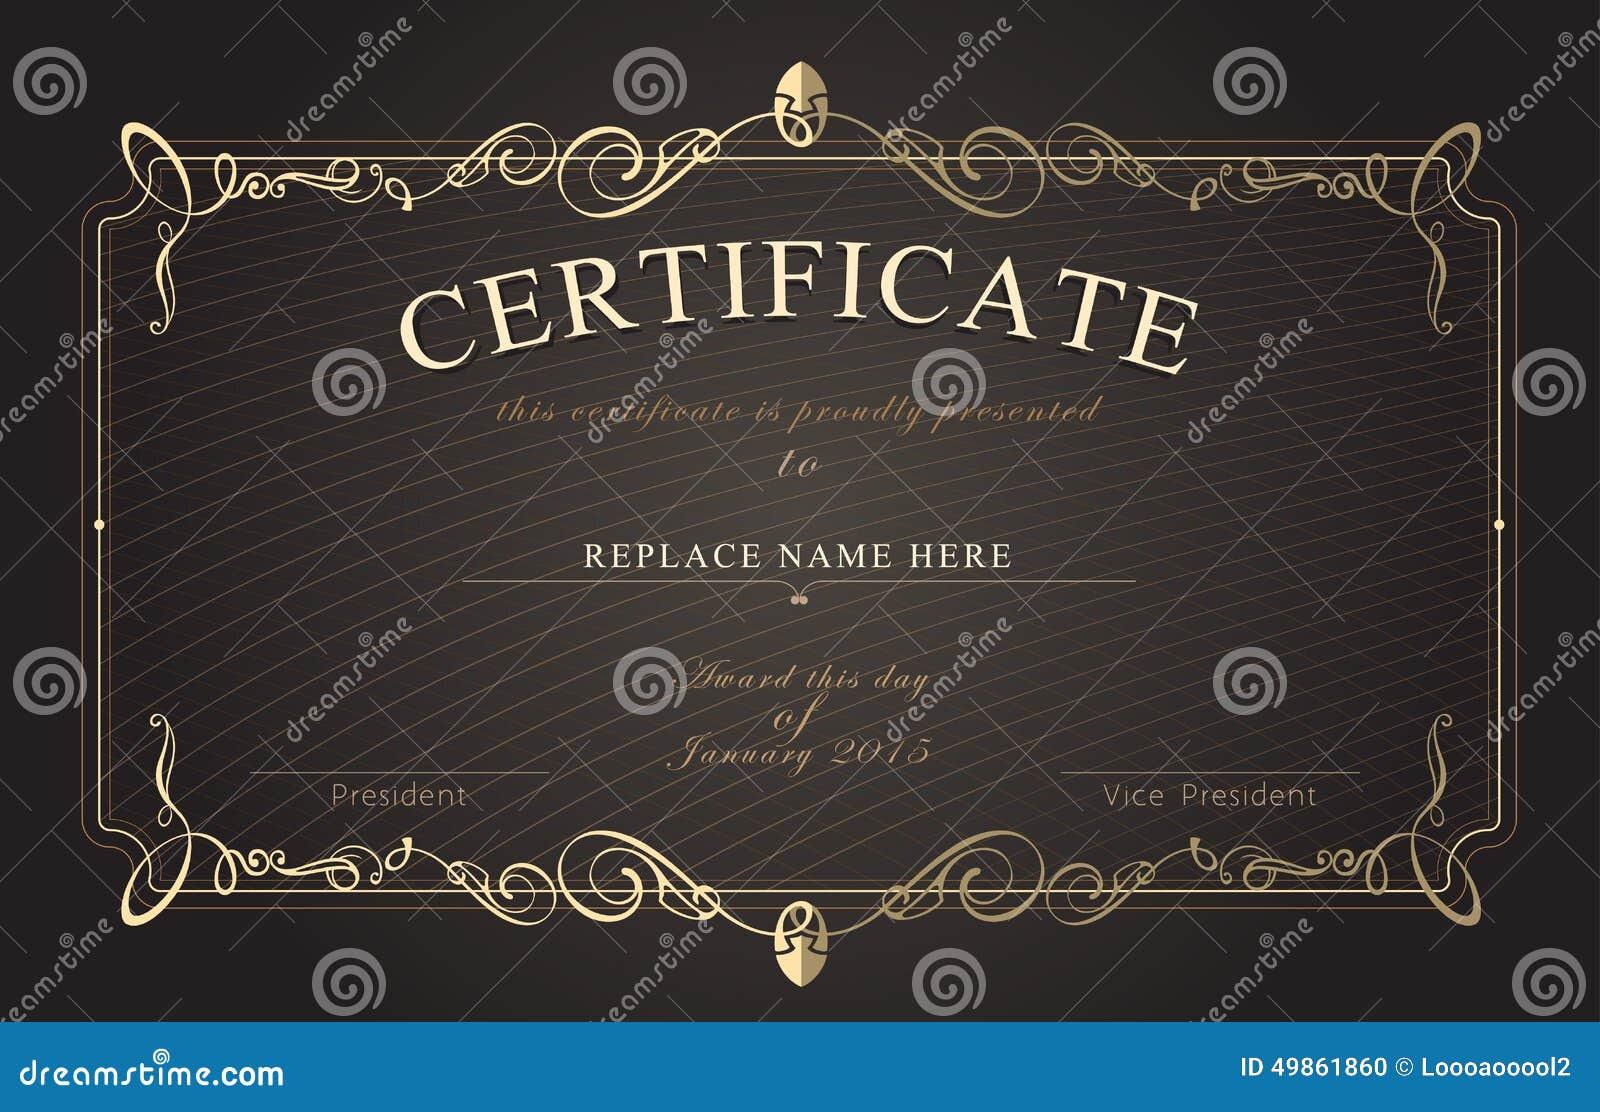 Шаблоны сертификатов корел скачать